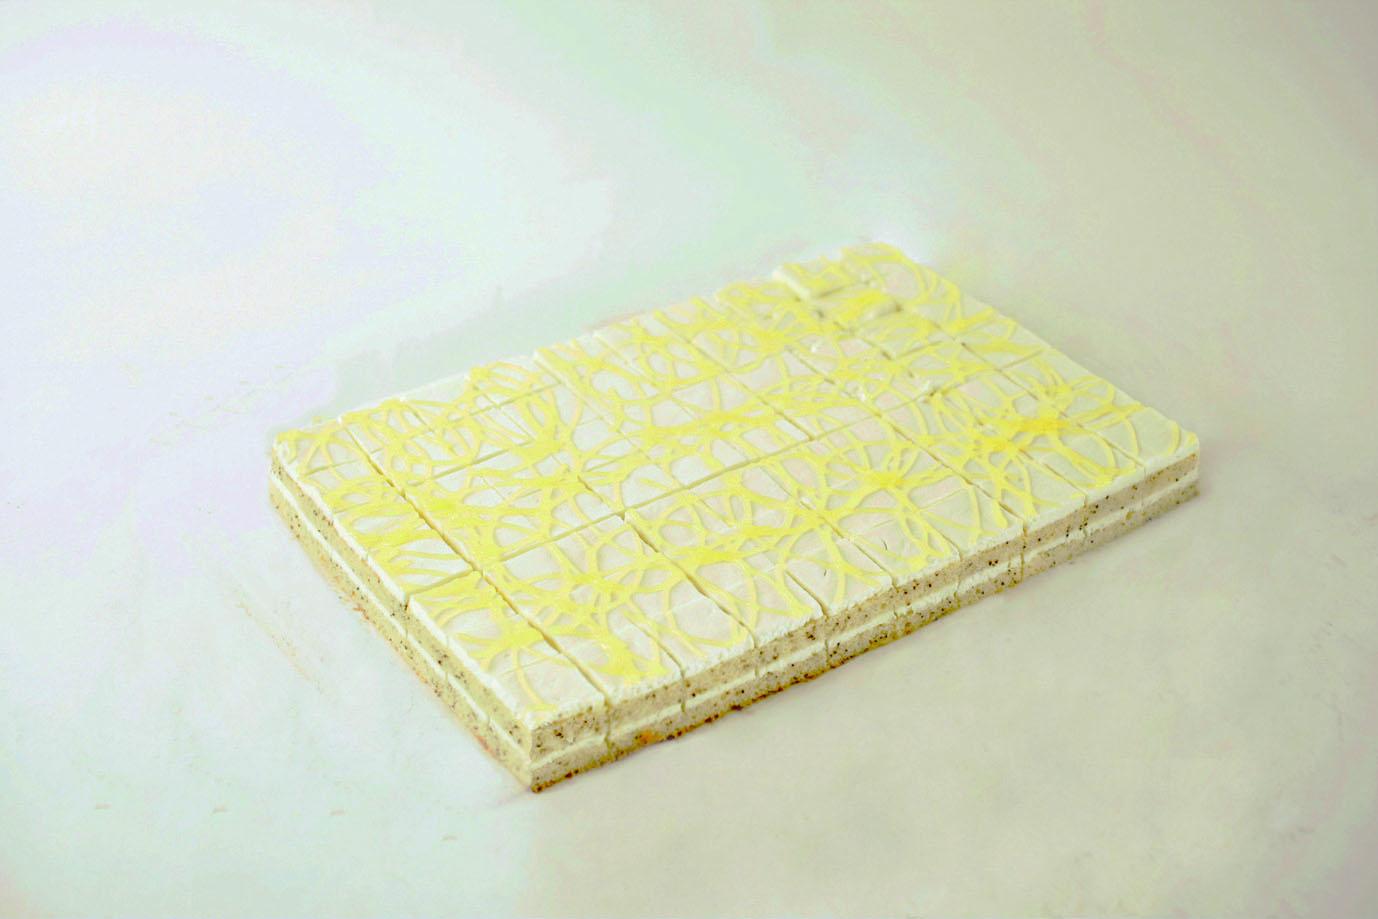 シートケーキ             レモンティー70カット